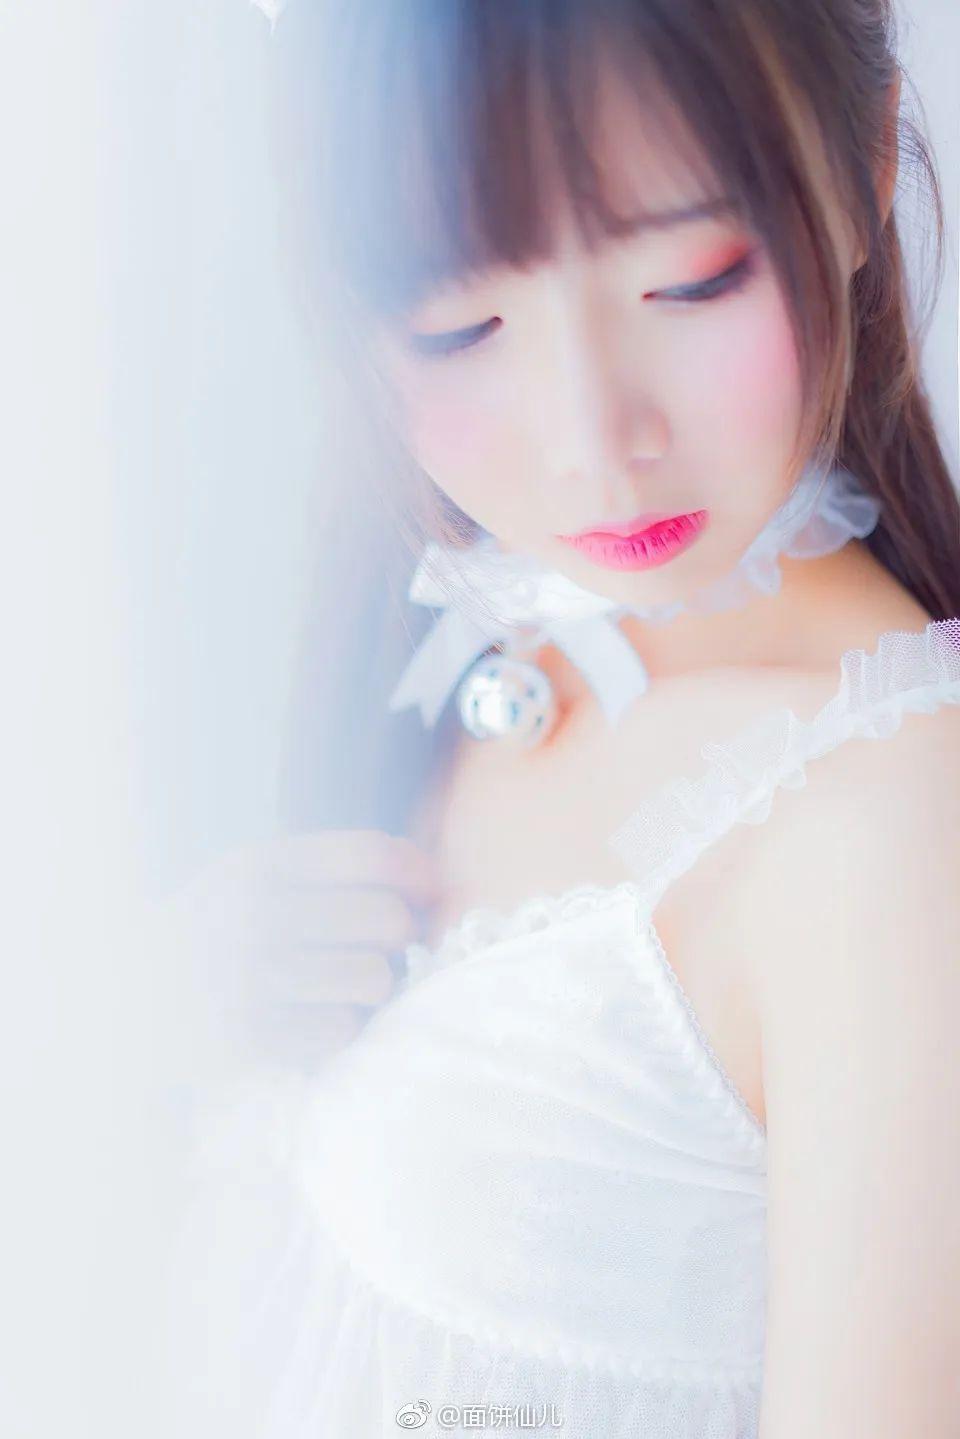 妹子摄影 – 超甜美白丝女孩婚纱写真_图片 No.6